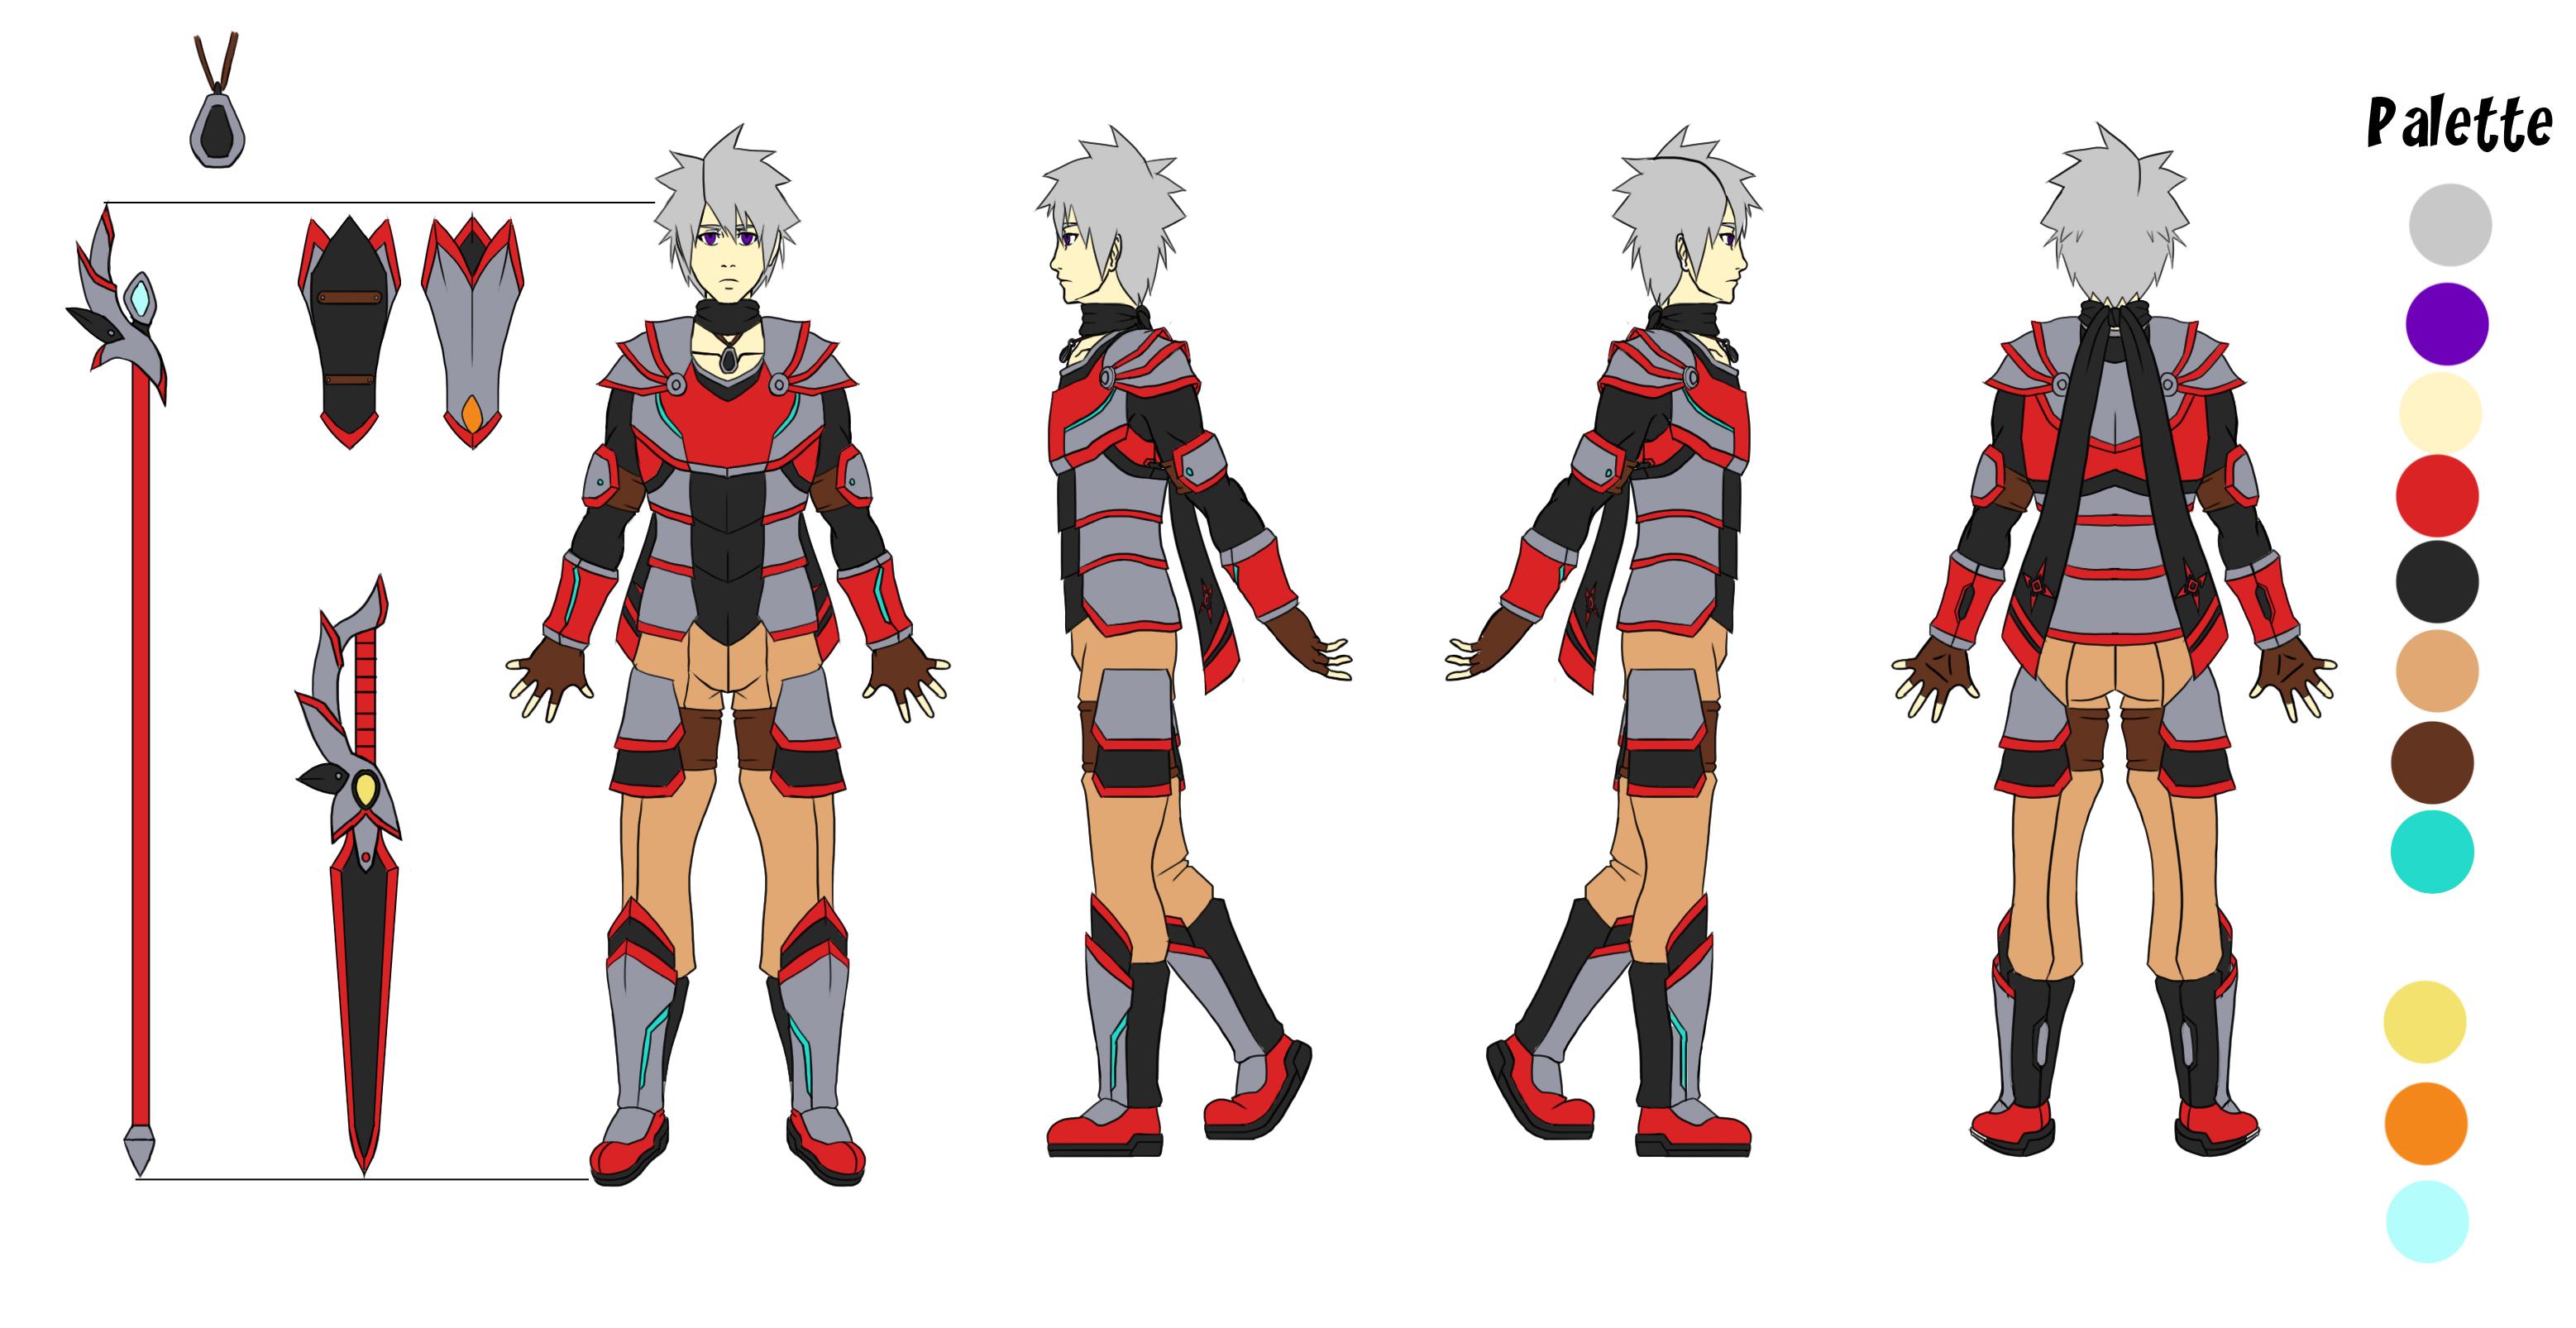 Saiyato Character Concept